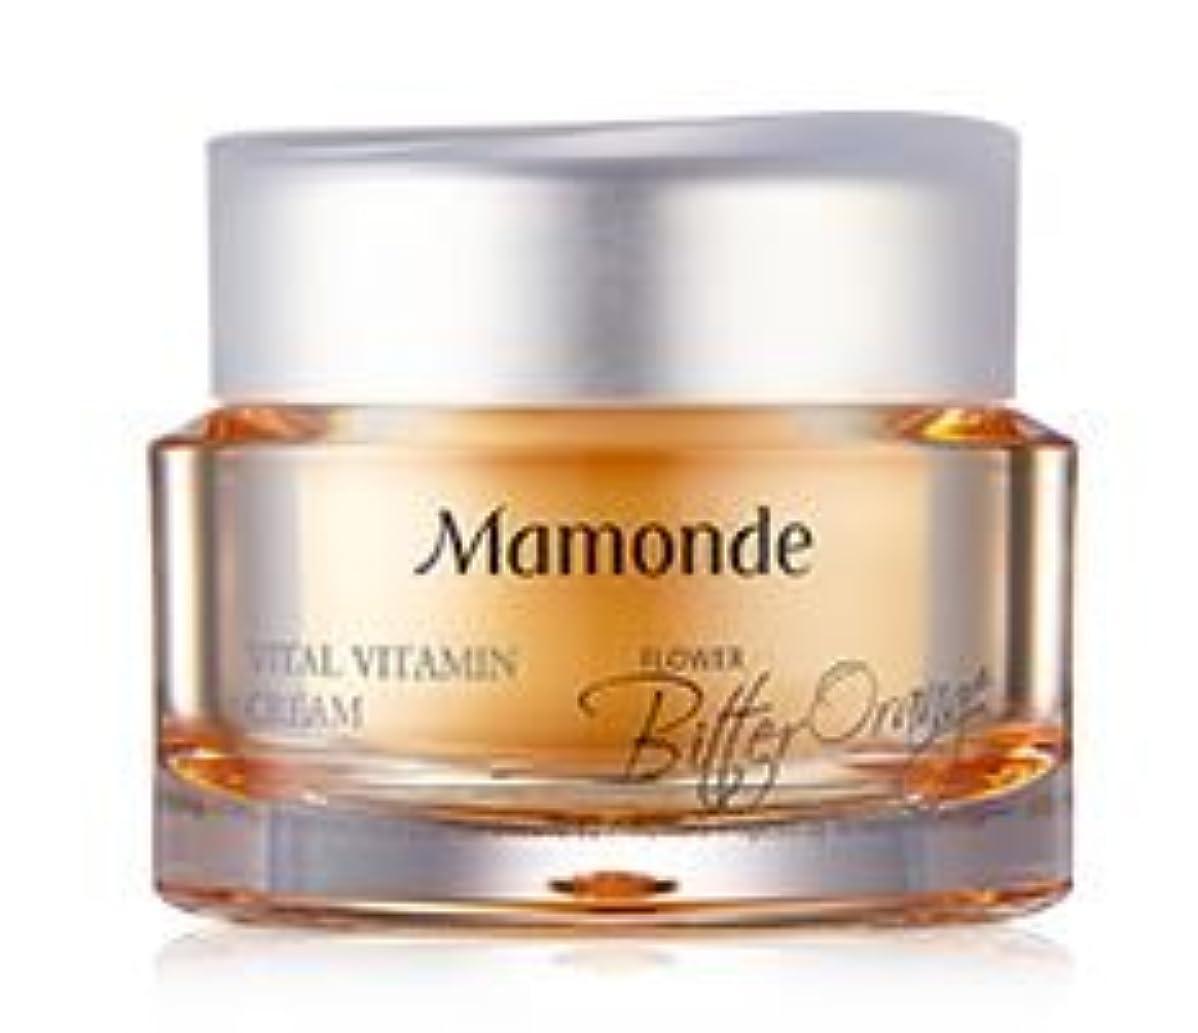 栄光の談話効果的[Mamonde] Vital Vitamin Cream 50ml /[マモンド]バイタルビタミンクリーム50ml [並行輸入品]